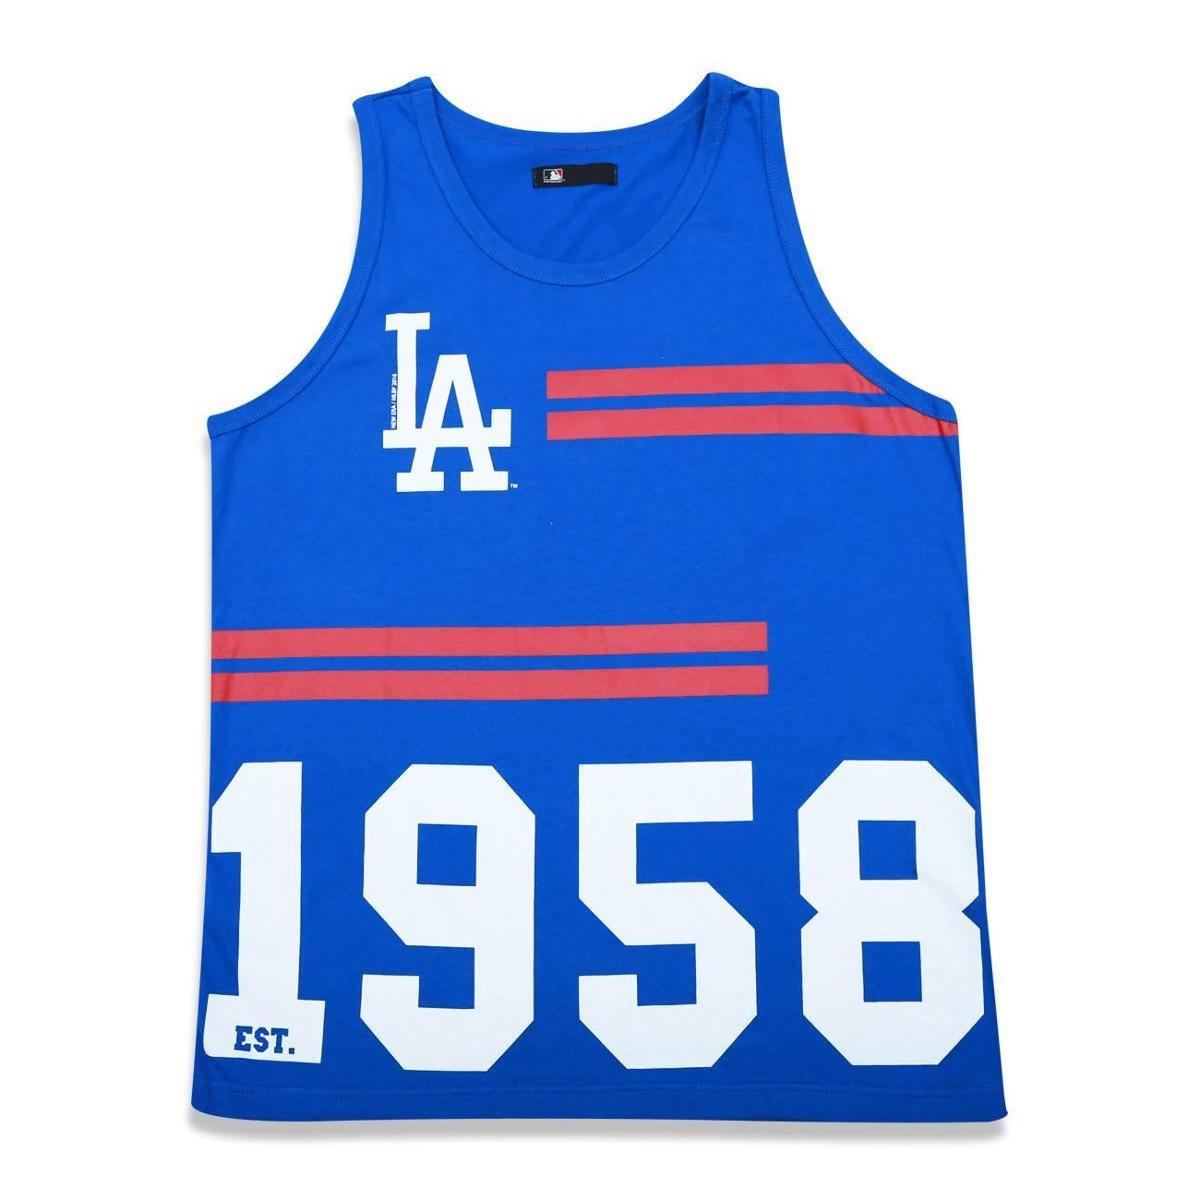 Regata Los Angeles Dodgers MLB New Era Masculina - Compre Agora ... ecd77f16d66